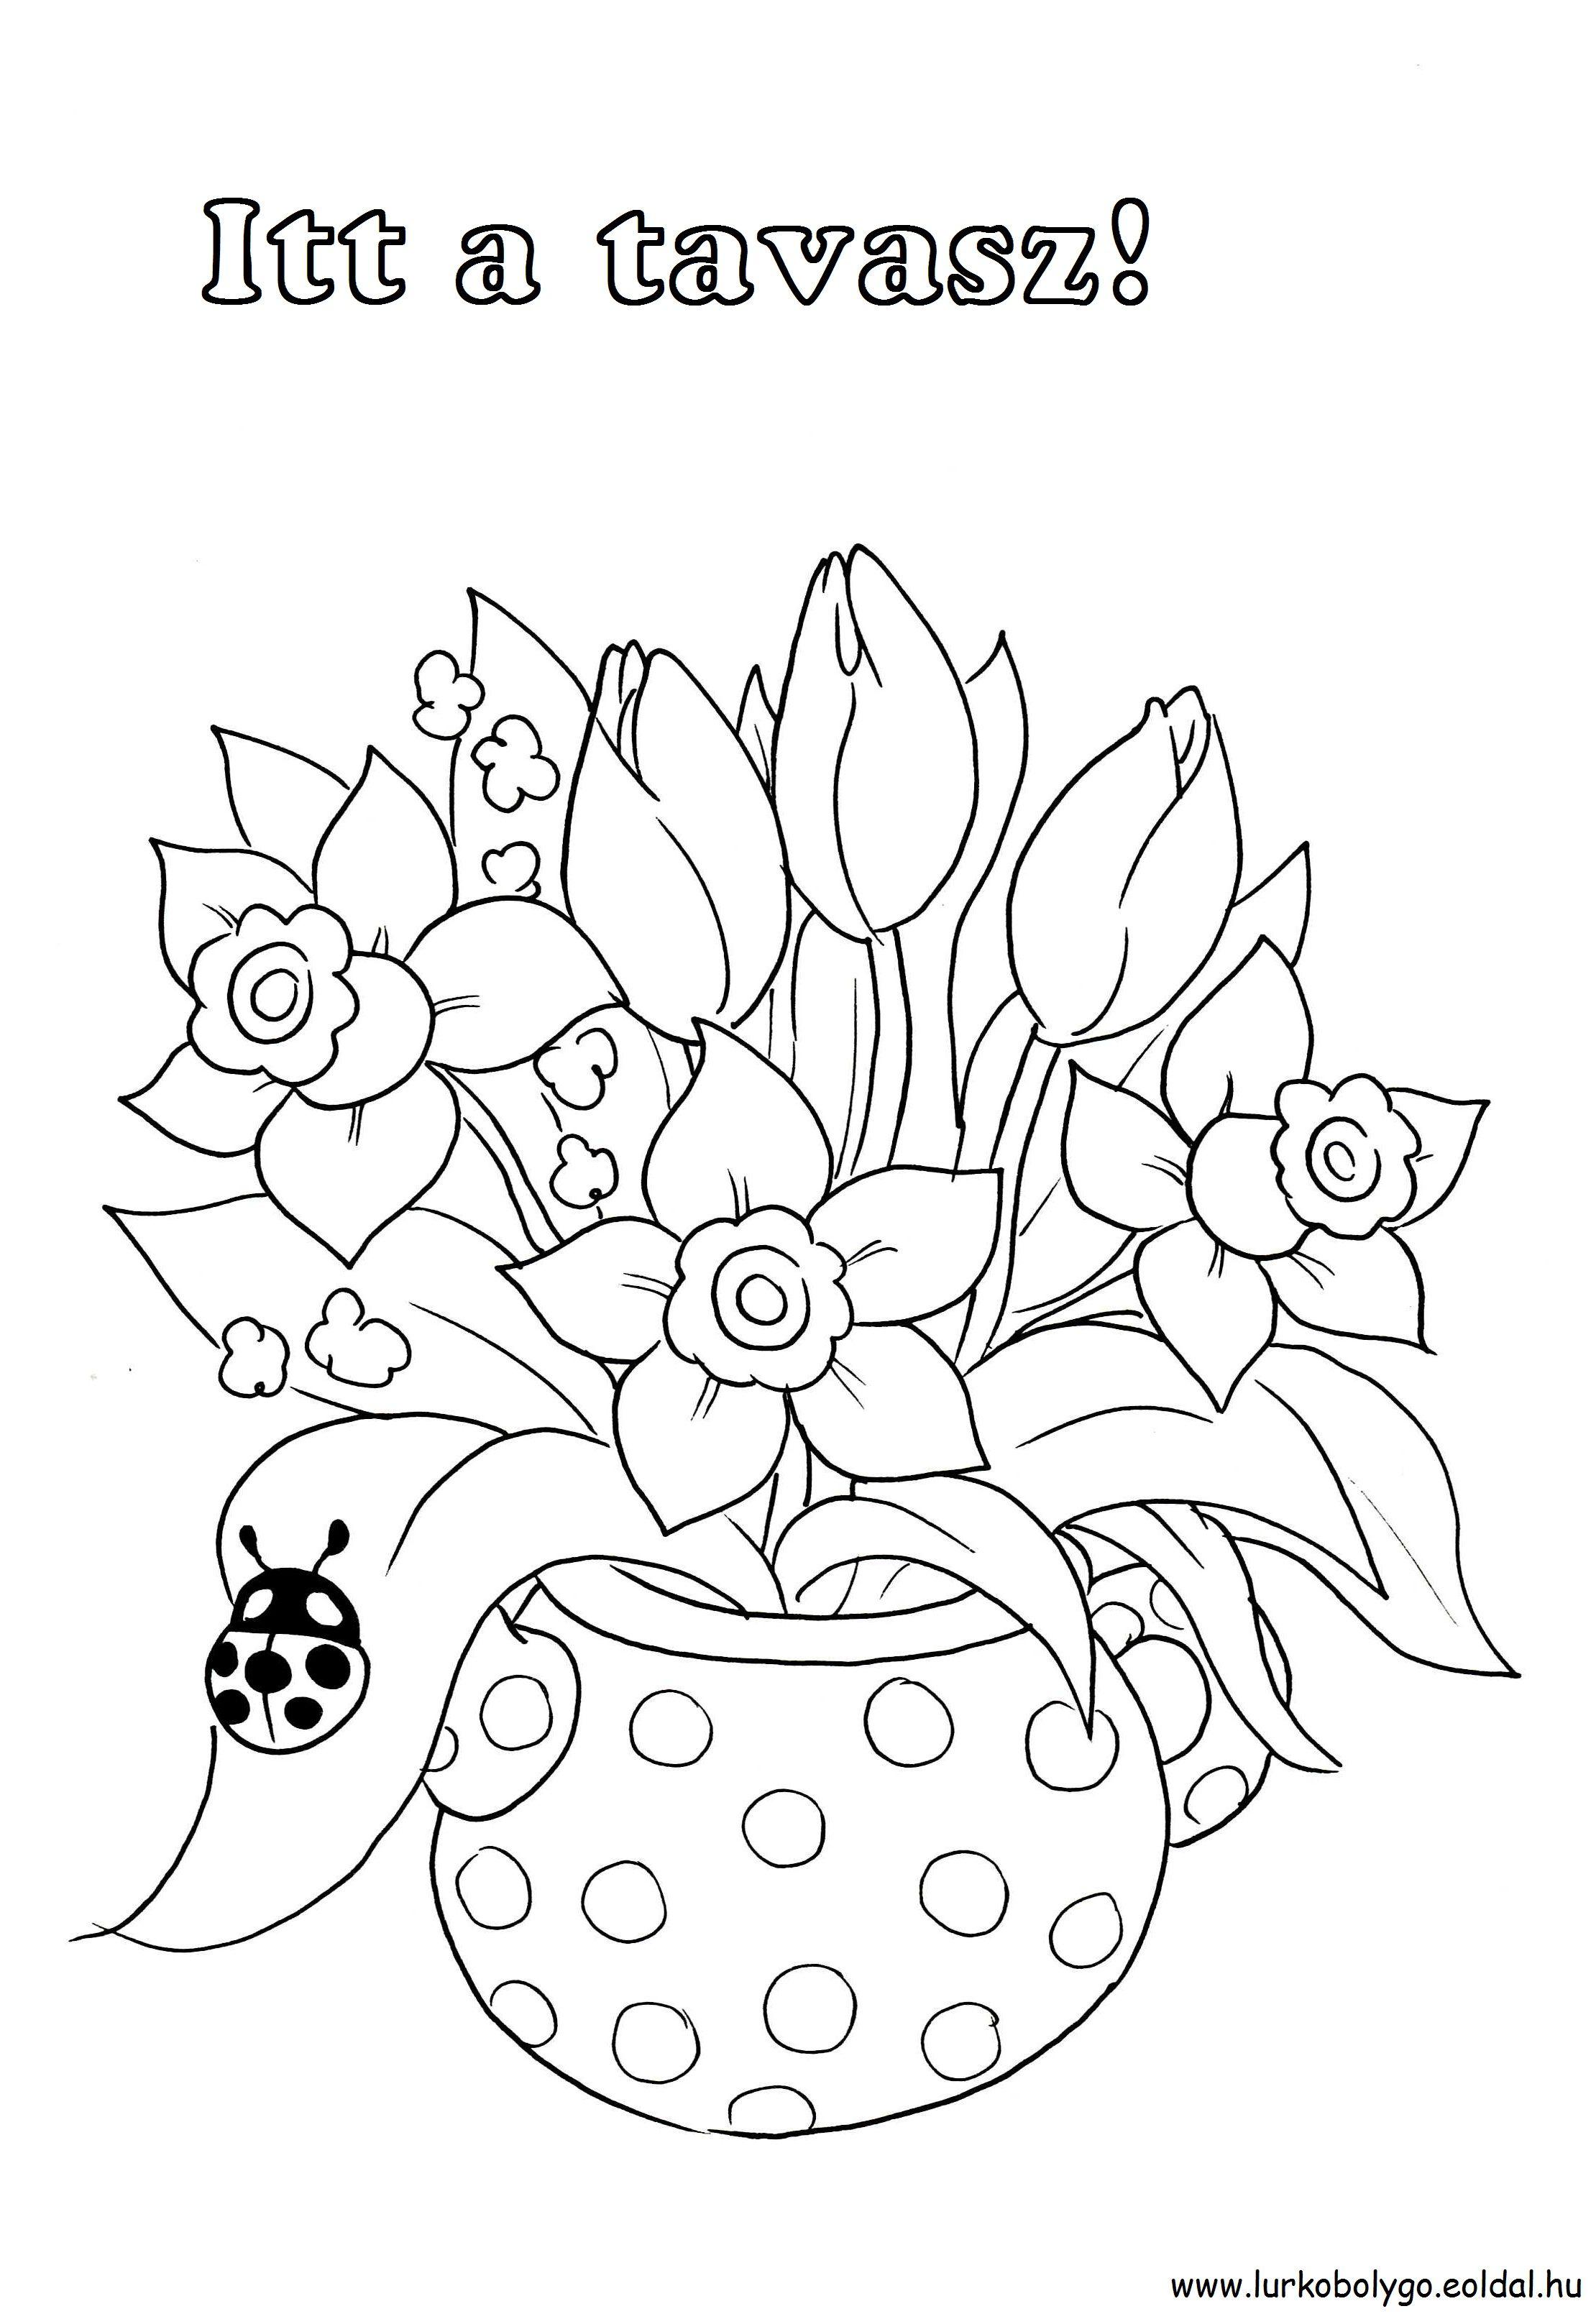 tavaszi rajzok - Google keresés | Színezők,sablonok,oktatás ...